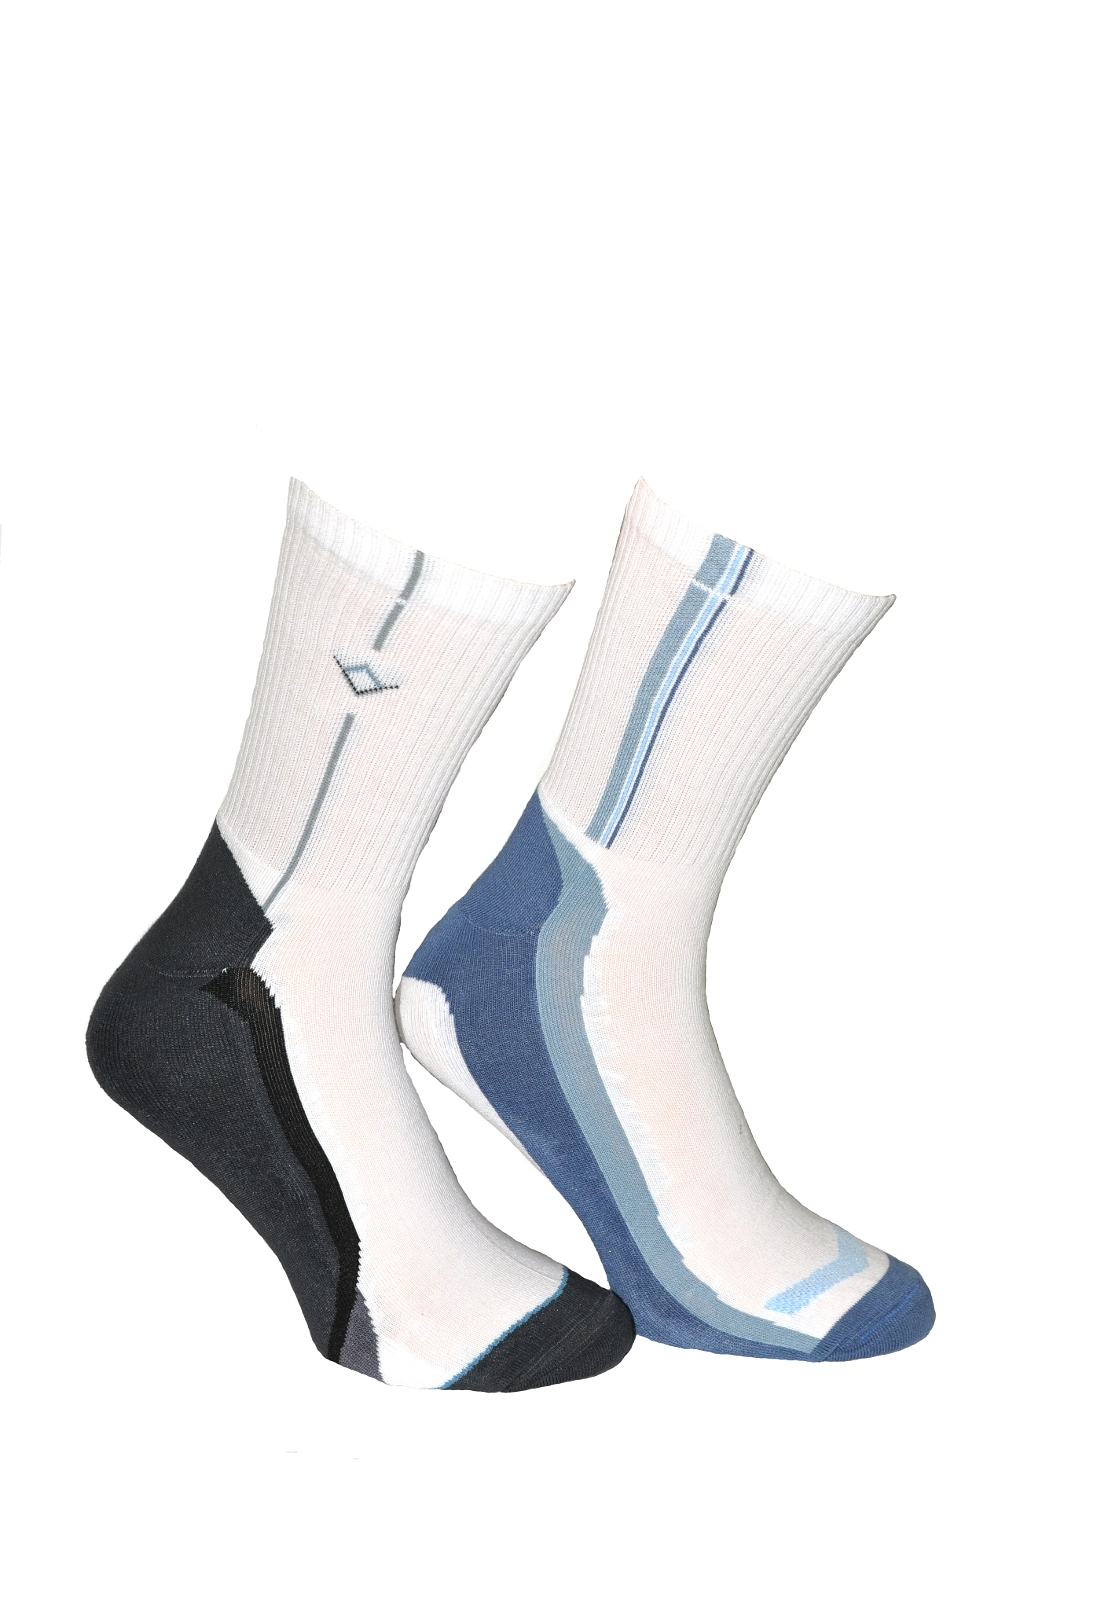 Pánské ponožky Terjax Free Sport 7049 tmavá-mix vzorů 29-30